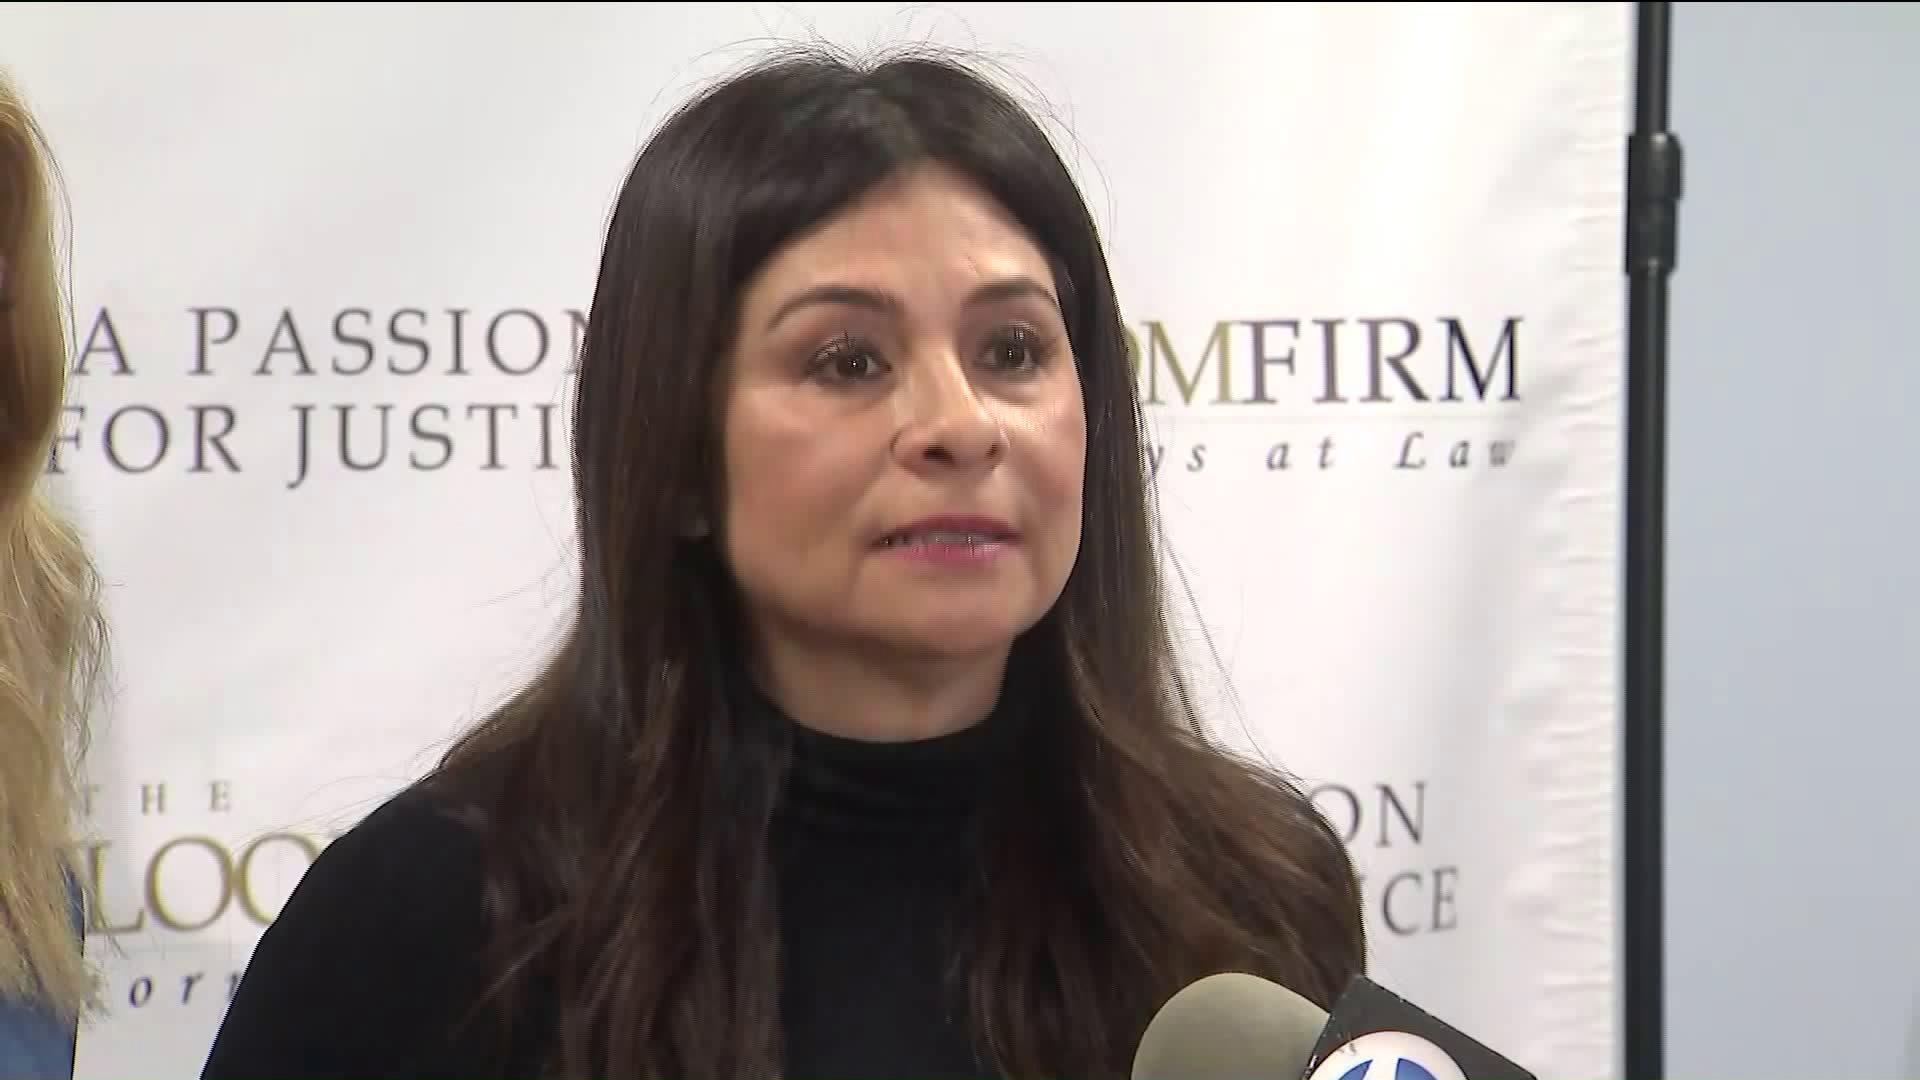 LAPD Det. Ysabel Villegas speaks to reporters on March 6, 2019. (Credit: KTLA)